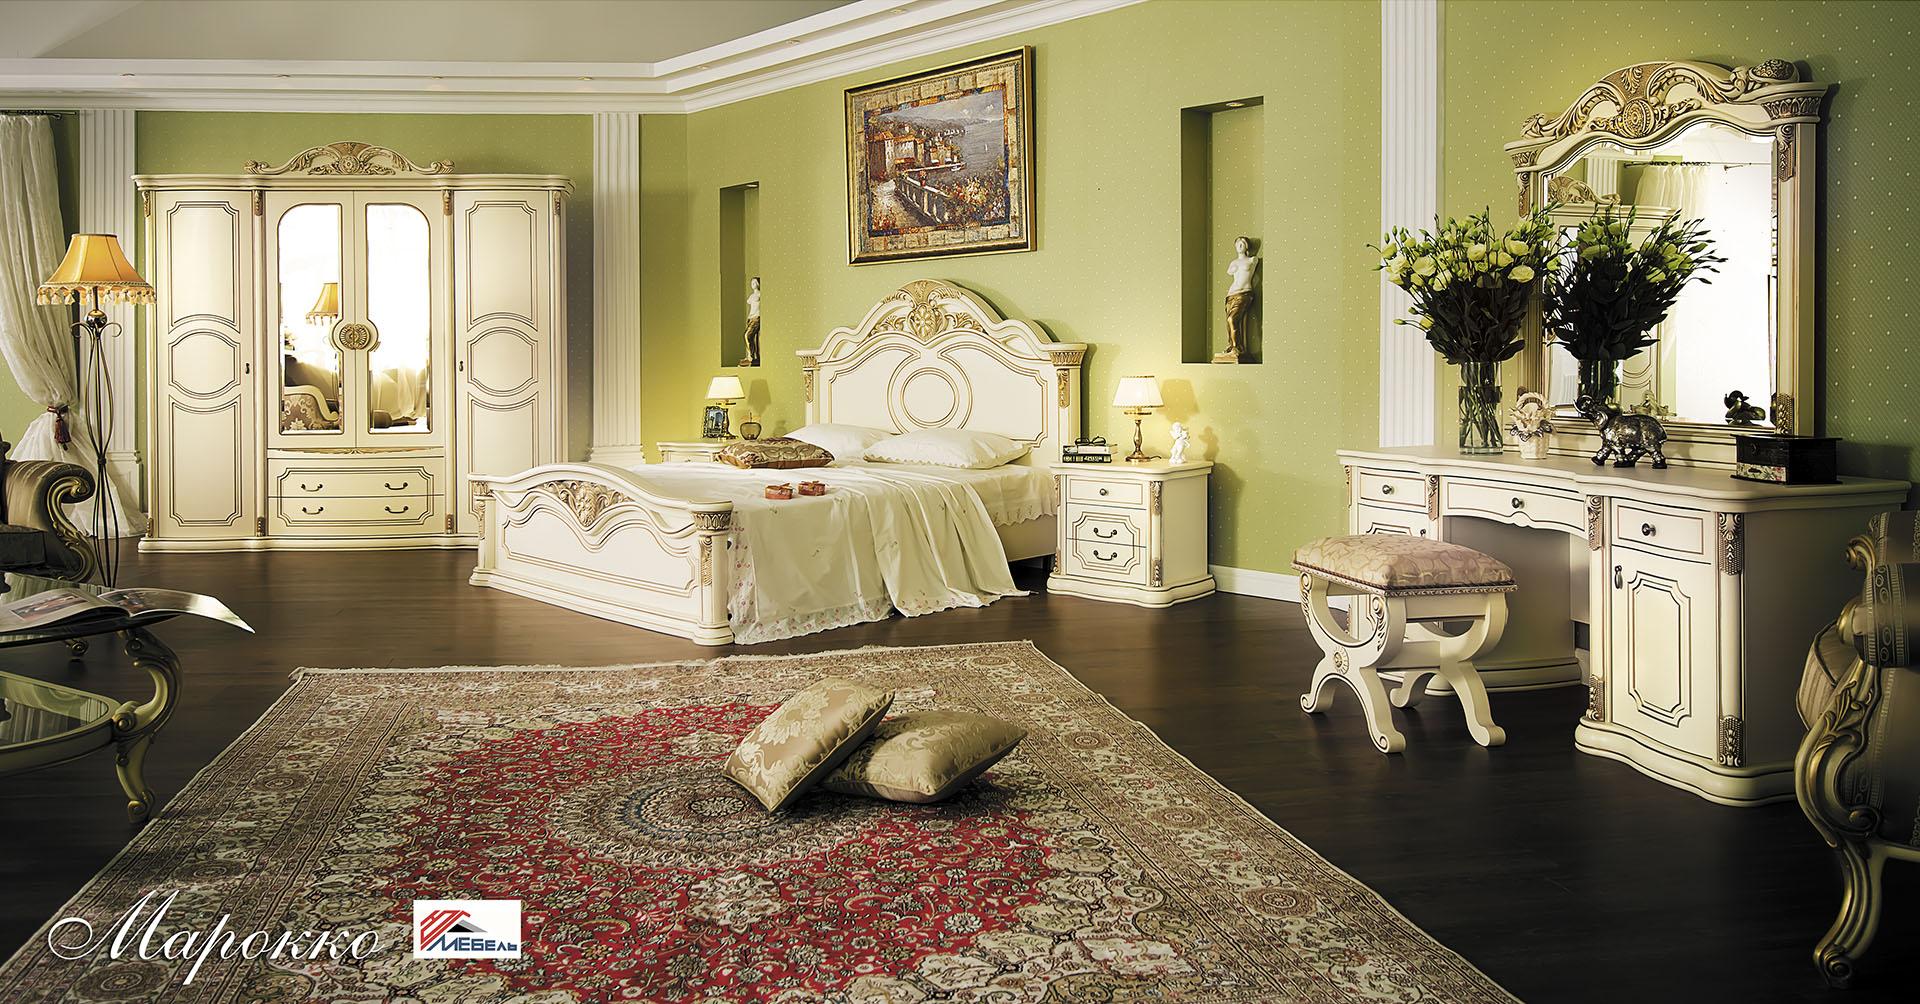 Спальня Марокко с 4-дверным шкафом - фото